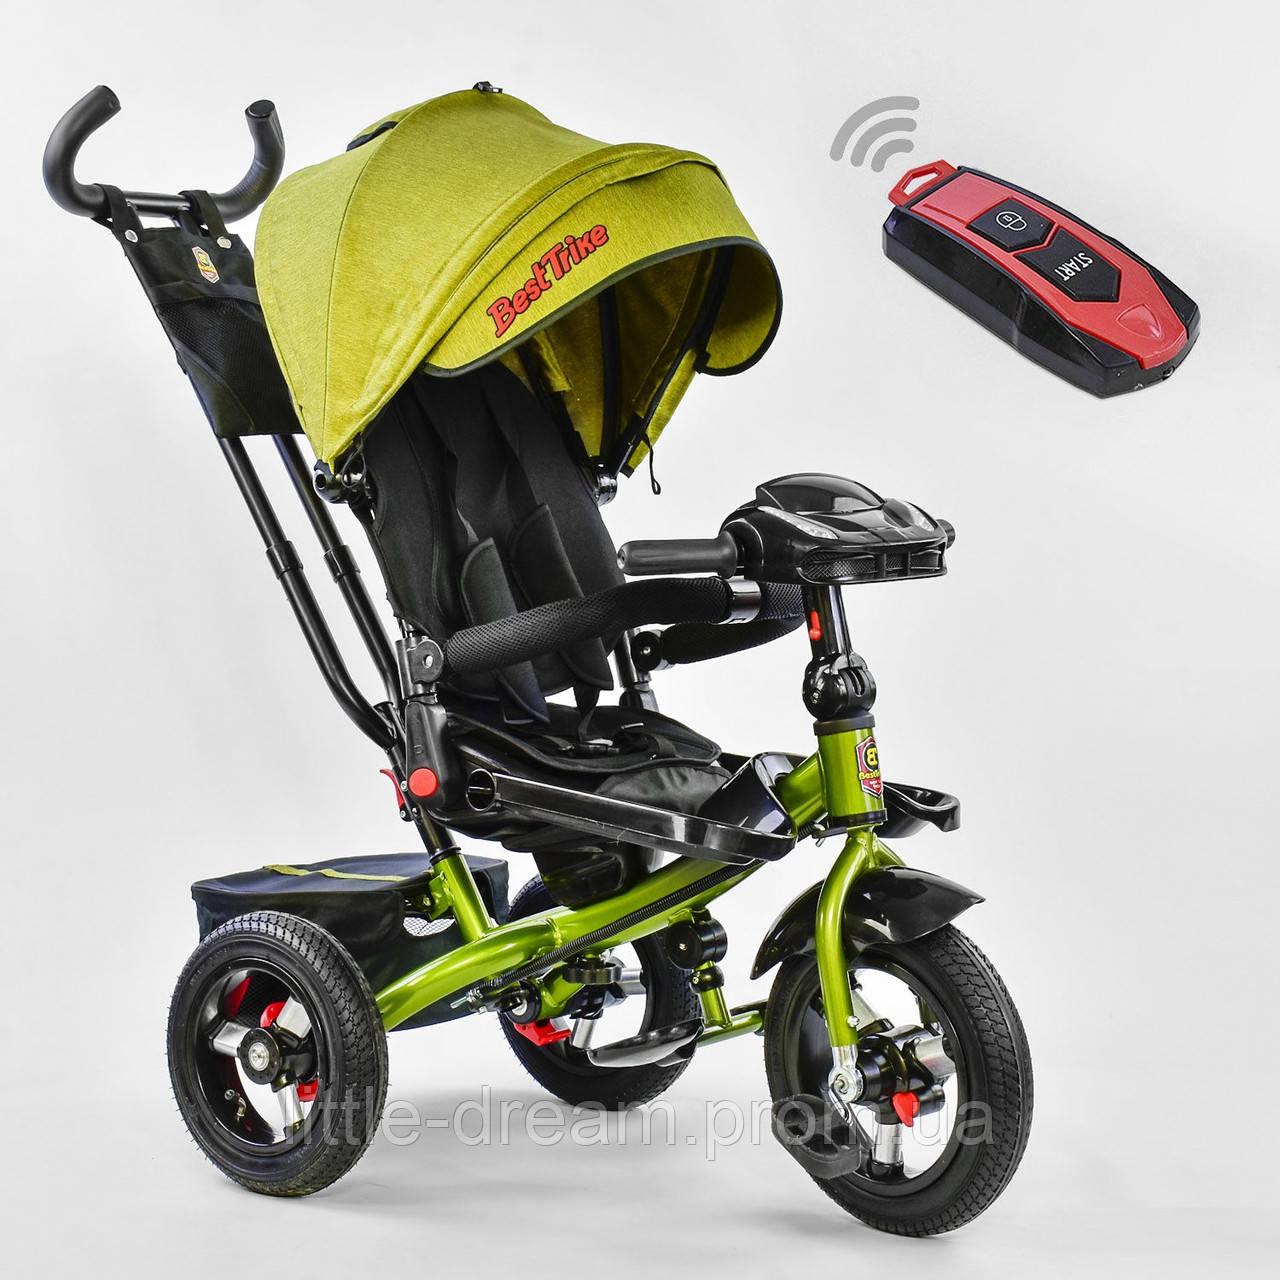 Велосипед Best Trike 6088 F – 3110 поворотное сиденье, надувные колеса, с пультом